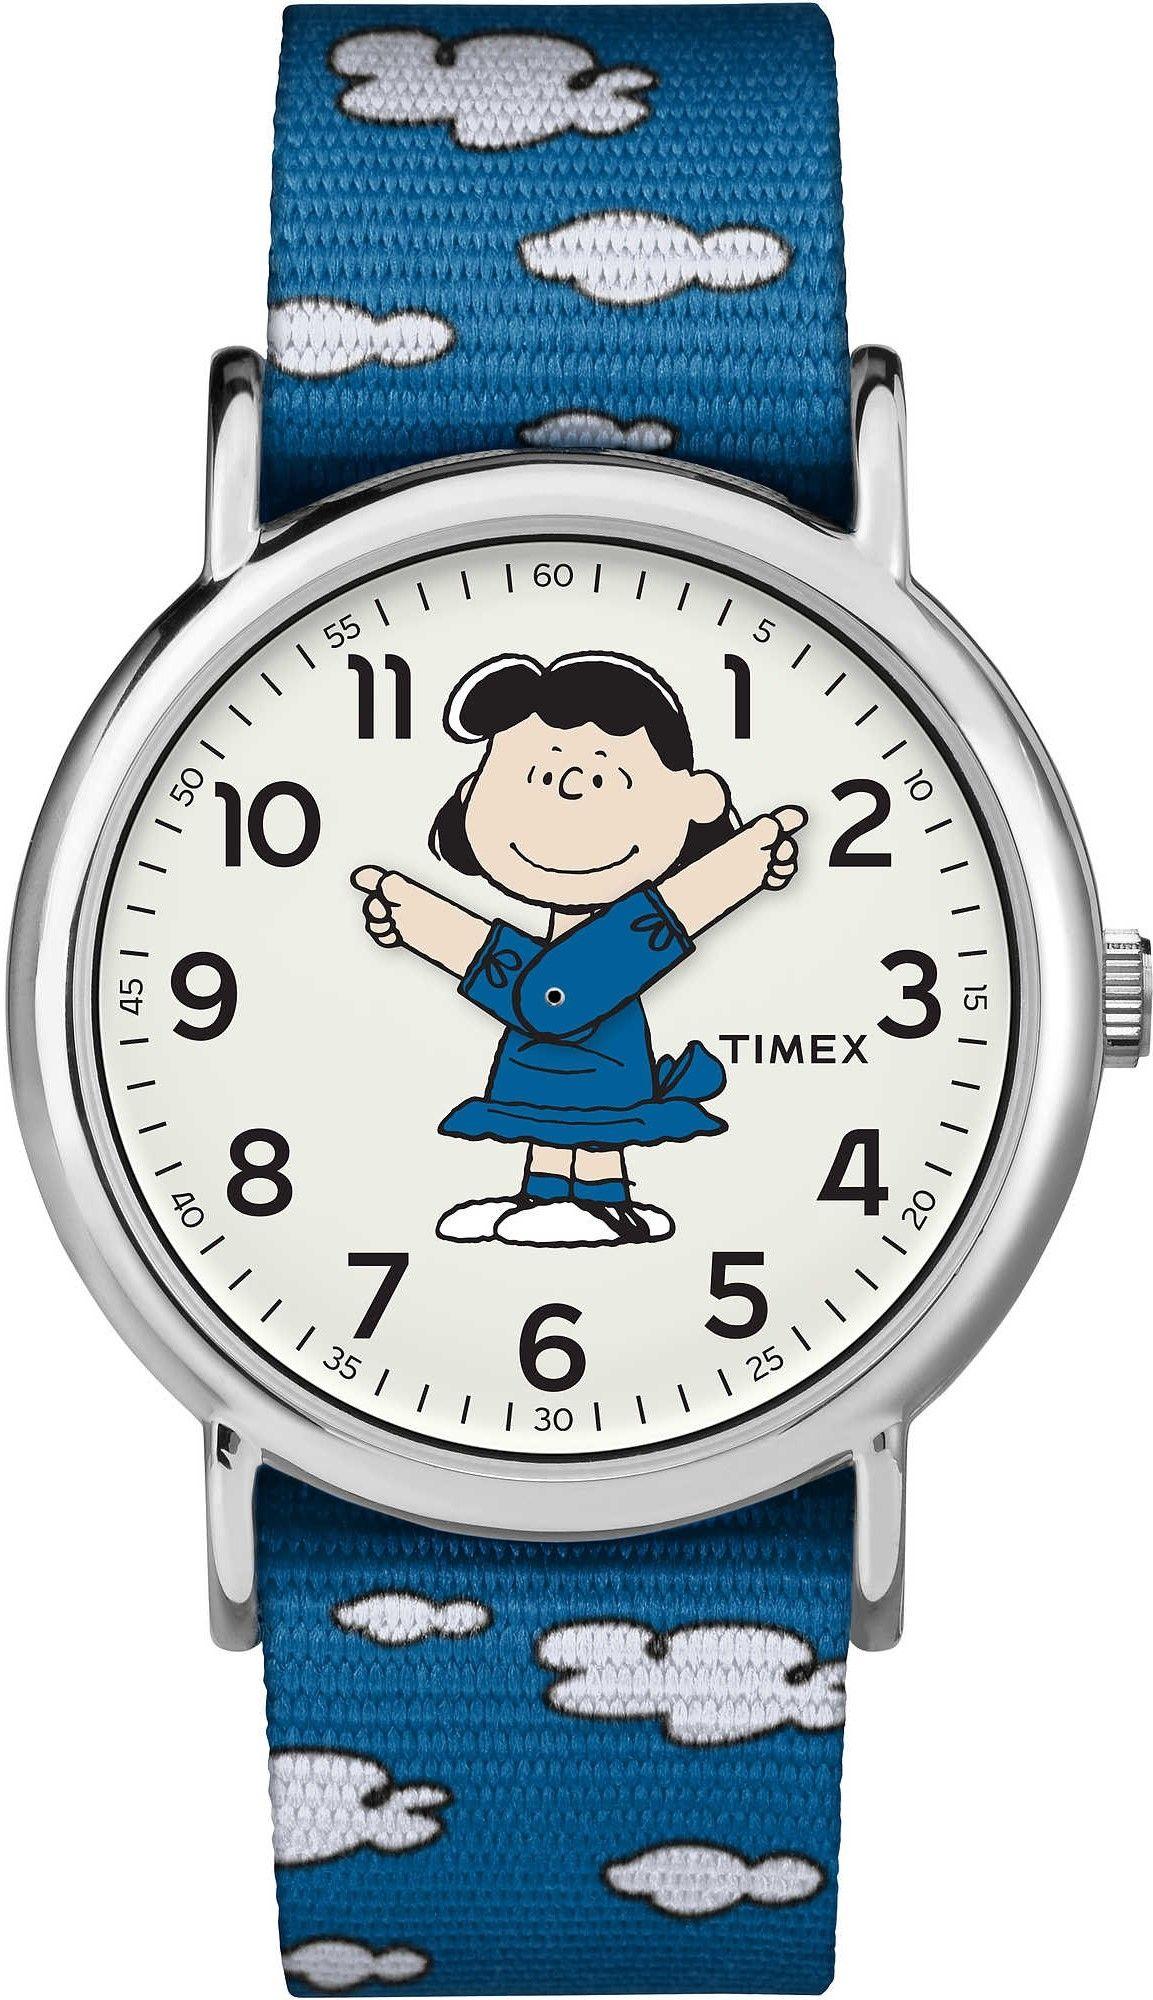 Timex TW2R41300 > Wysyłka tego samego dnia Grawer 0zł Darmowa dostawa Kurierem/Inpost Darmowy zwrot przez 100 DNI